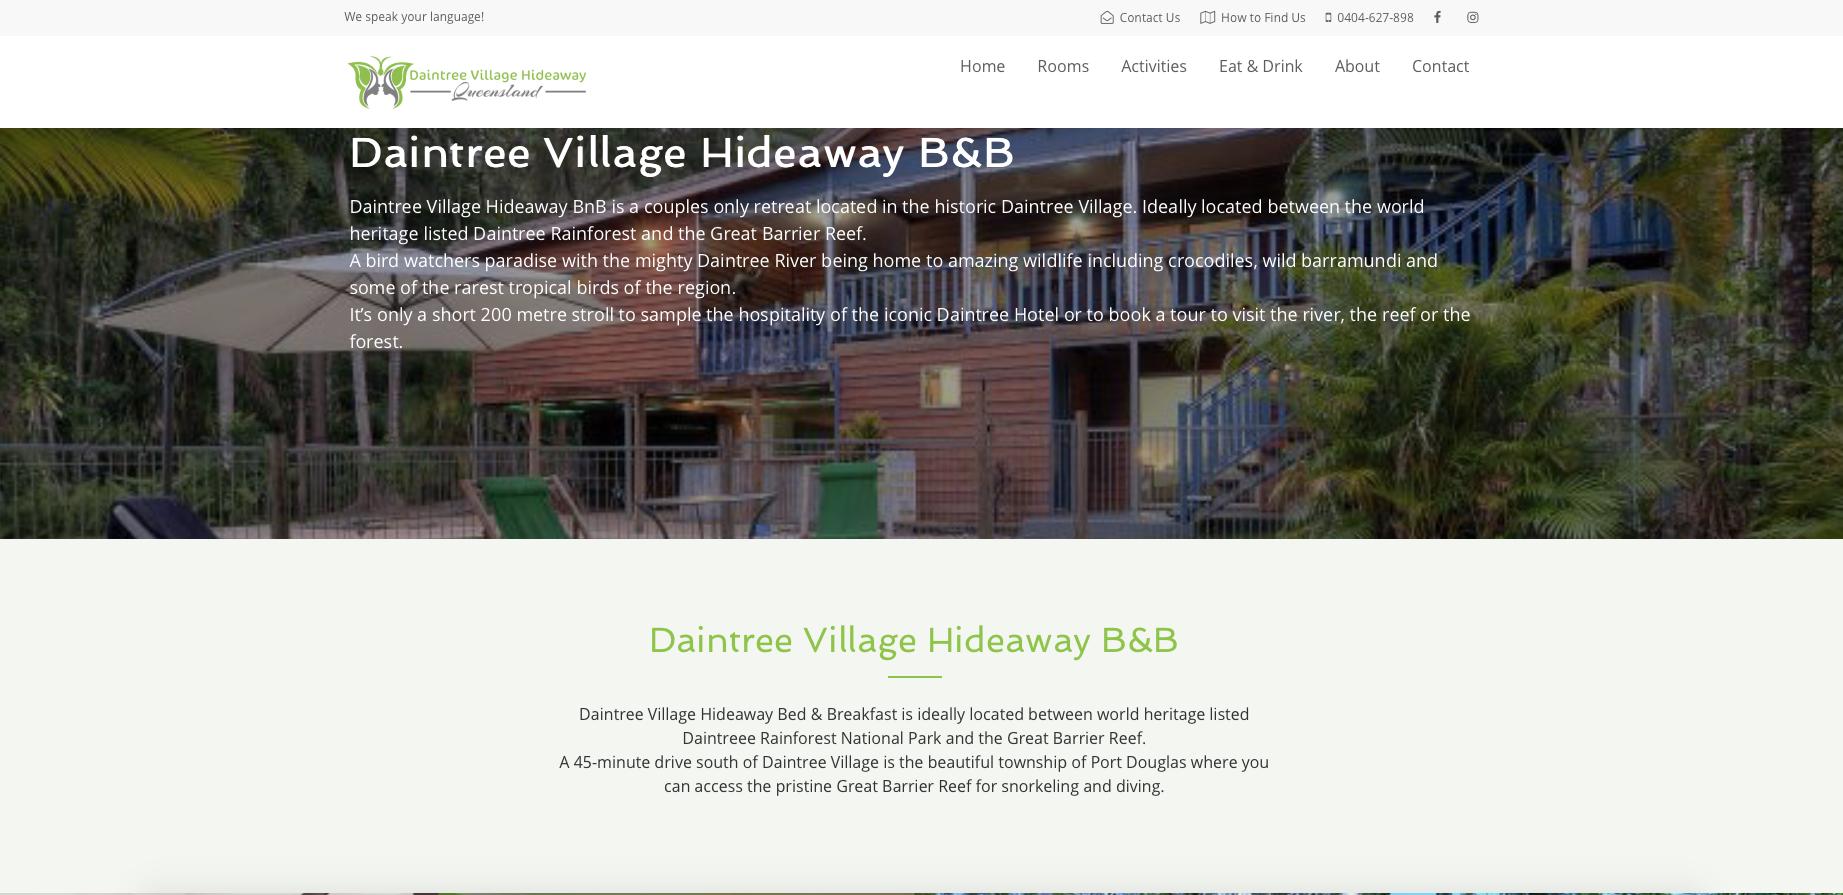 Website design sample - Daintree Village Hideaway, Queensland